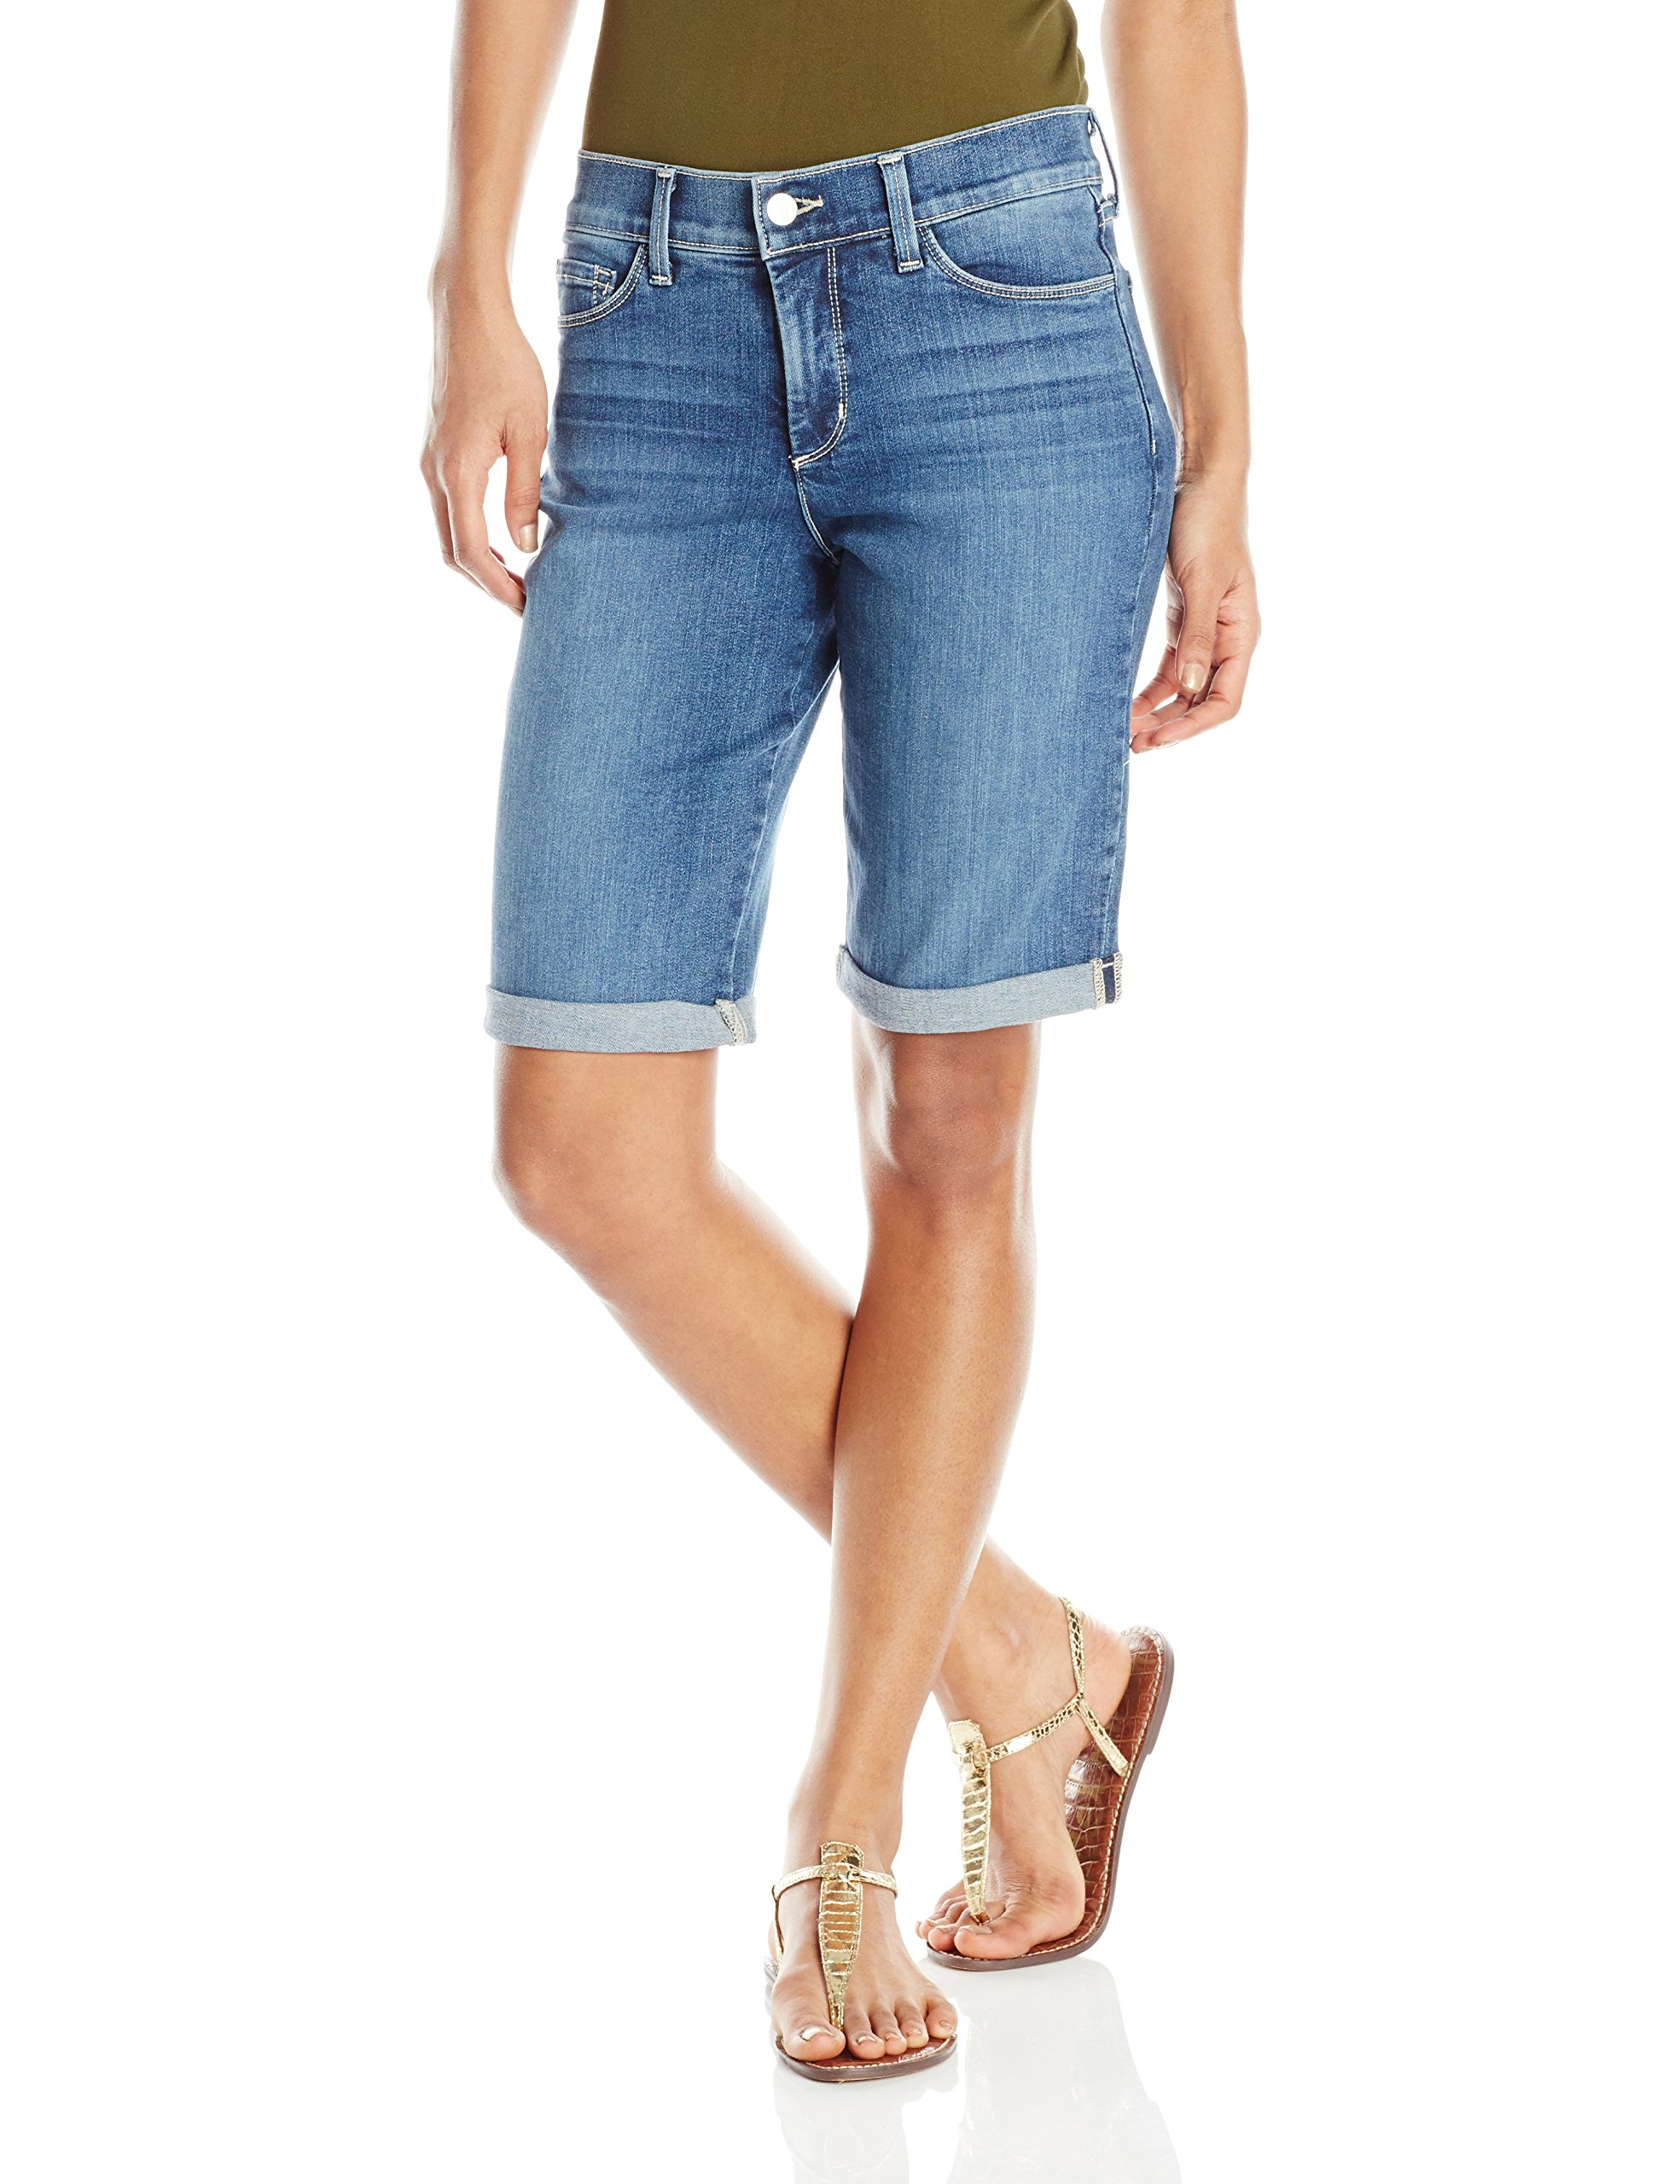 NYDJ Women's Briella Shorts in Stretch Indigo Denim, Heyburn, 6